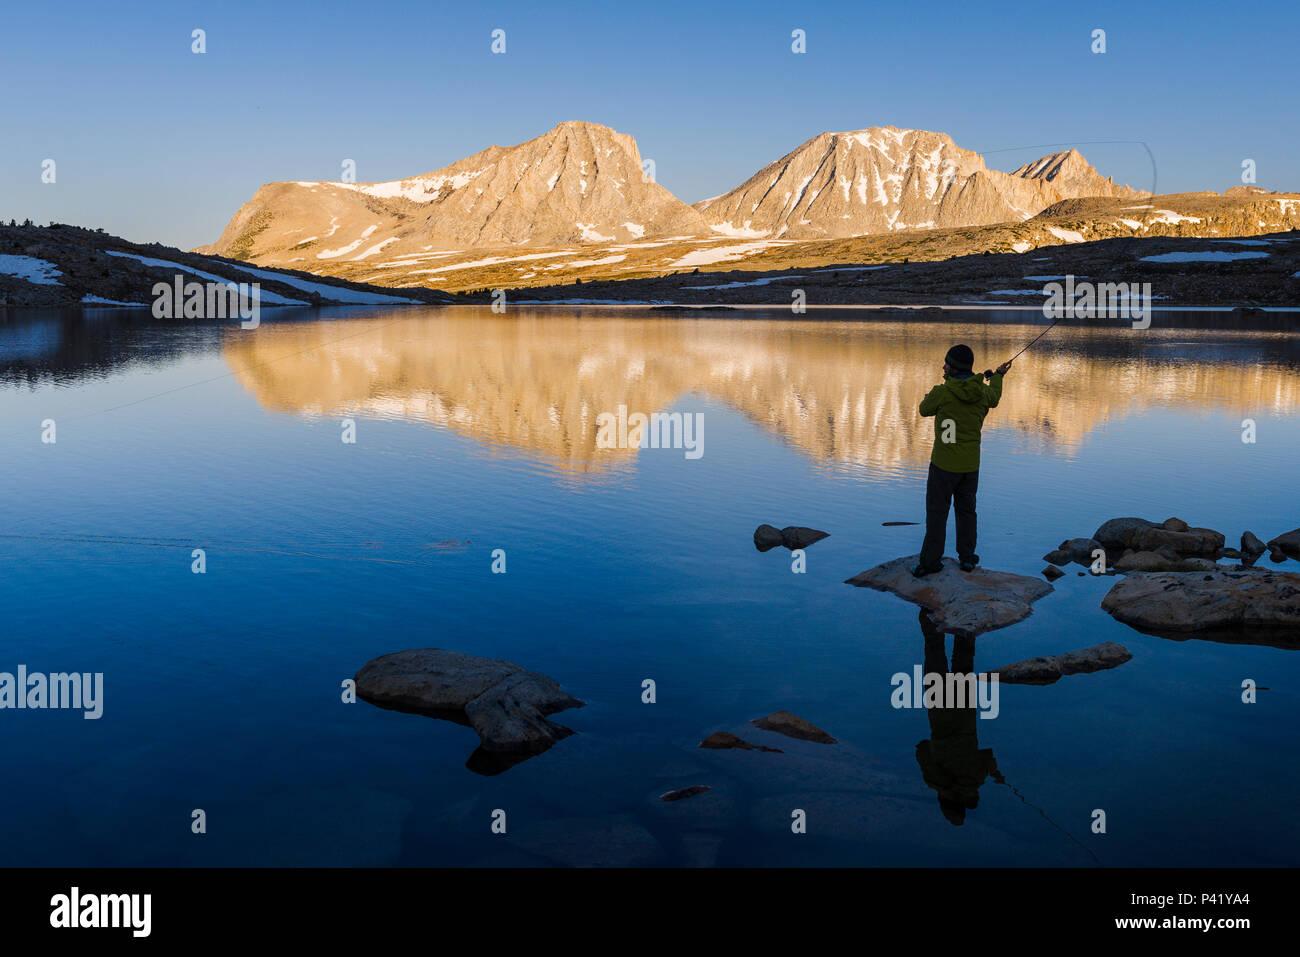 Sunrise di Pesca a Mosca Report di Pesca al lago francese con le riflessioni di Merriam picco, picco di Royce e piuma picco nell'High Sierra le montagne vicino al Canyon francese. Immagini Stock